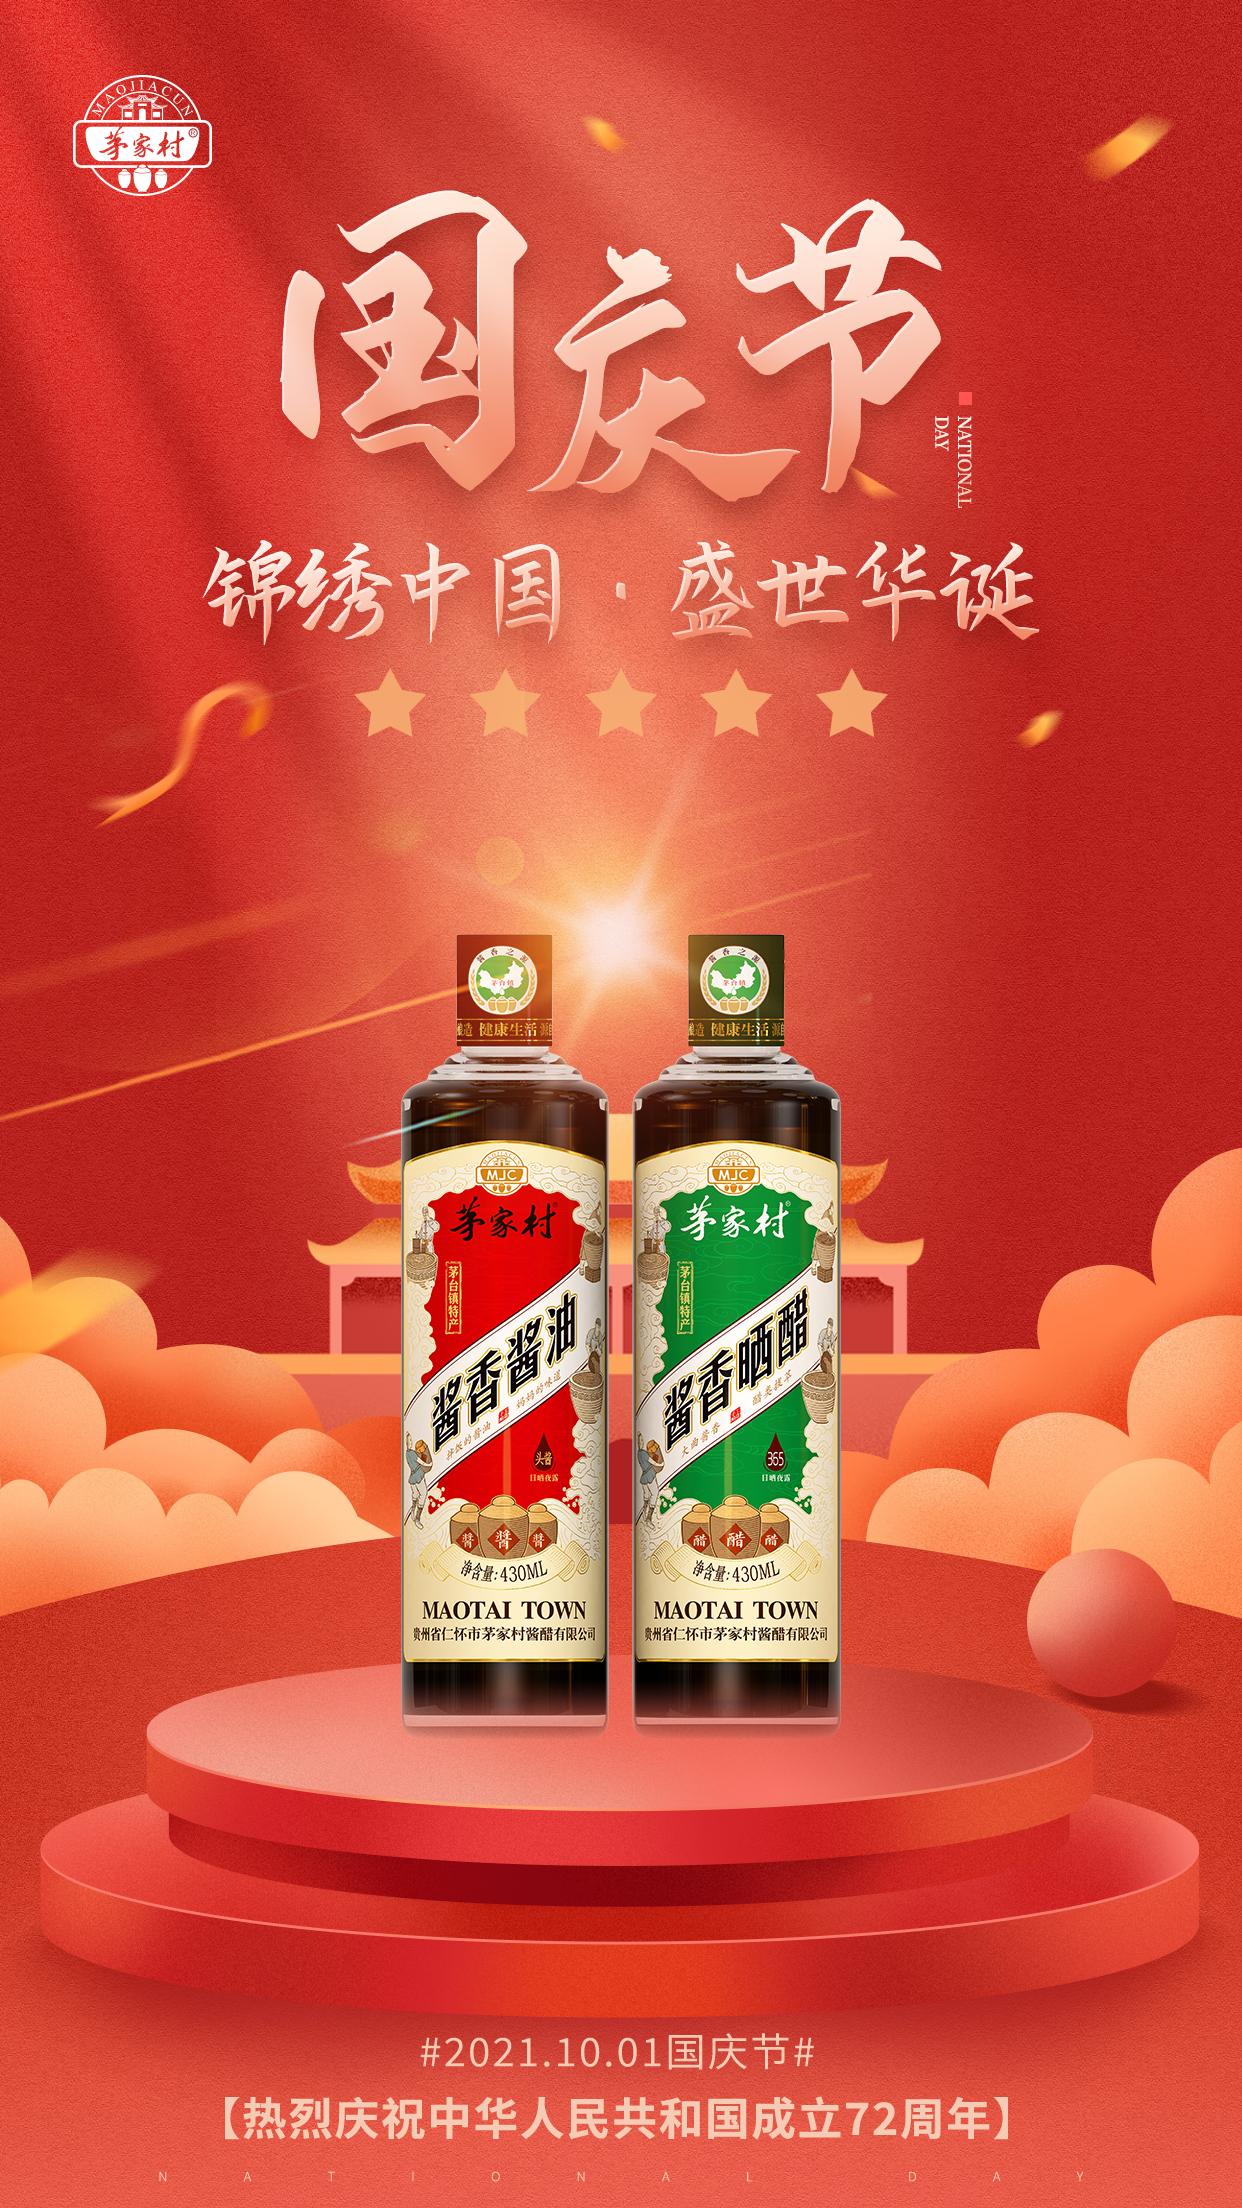 茅抓饭直播官方酱醋厂国庆节快乐